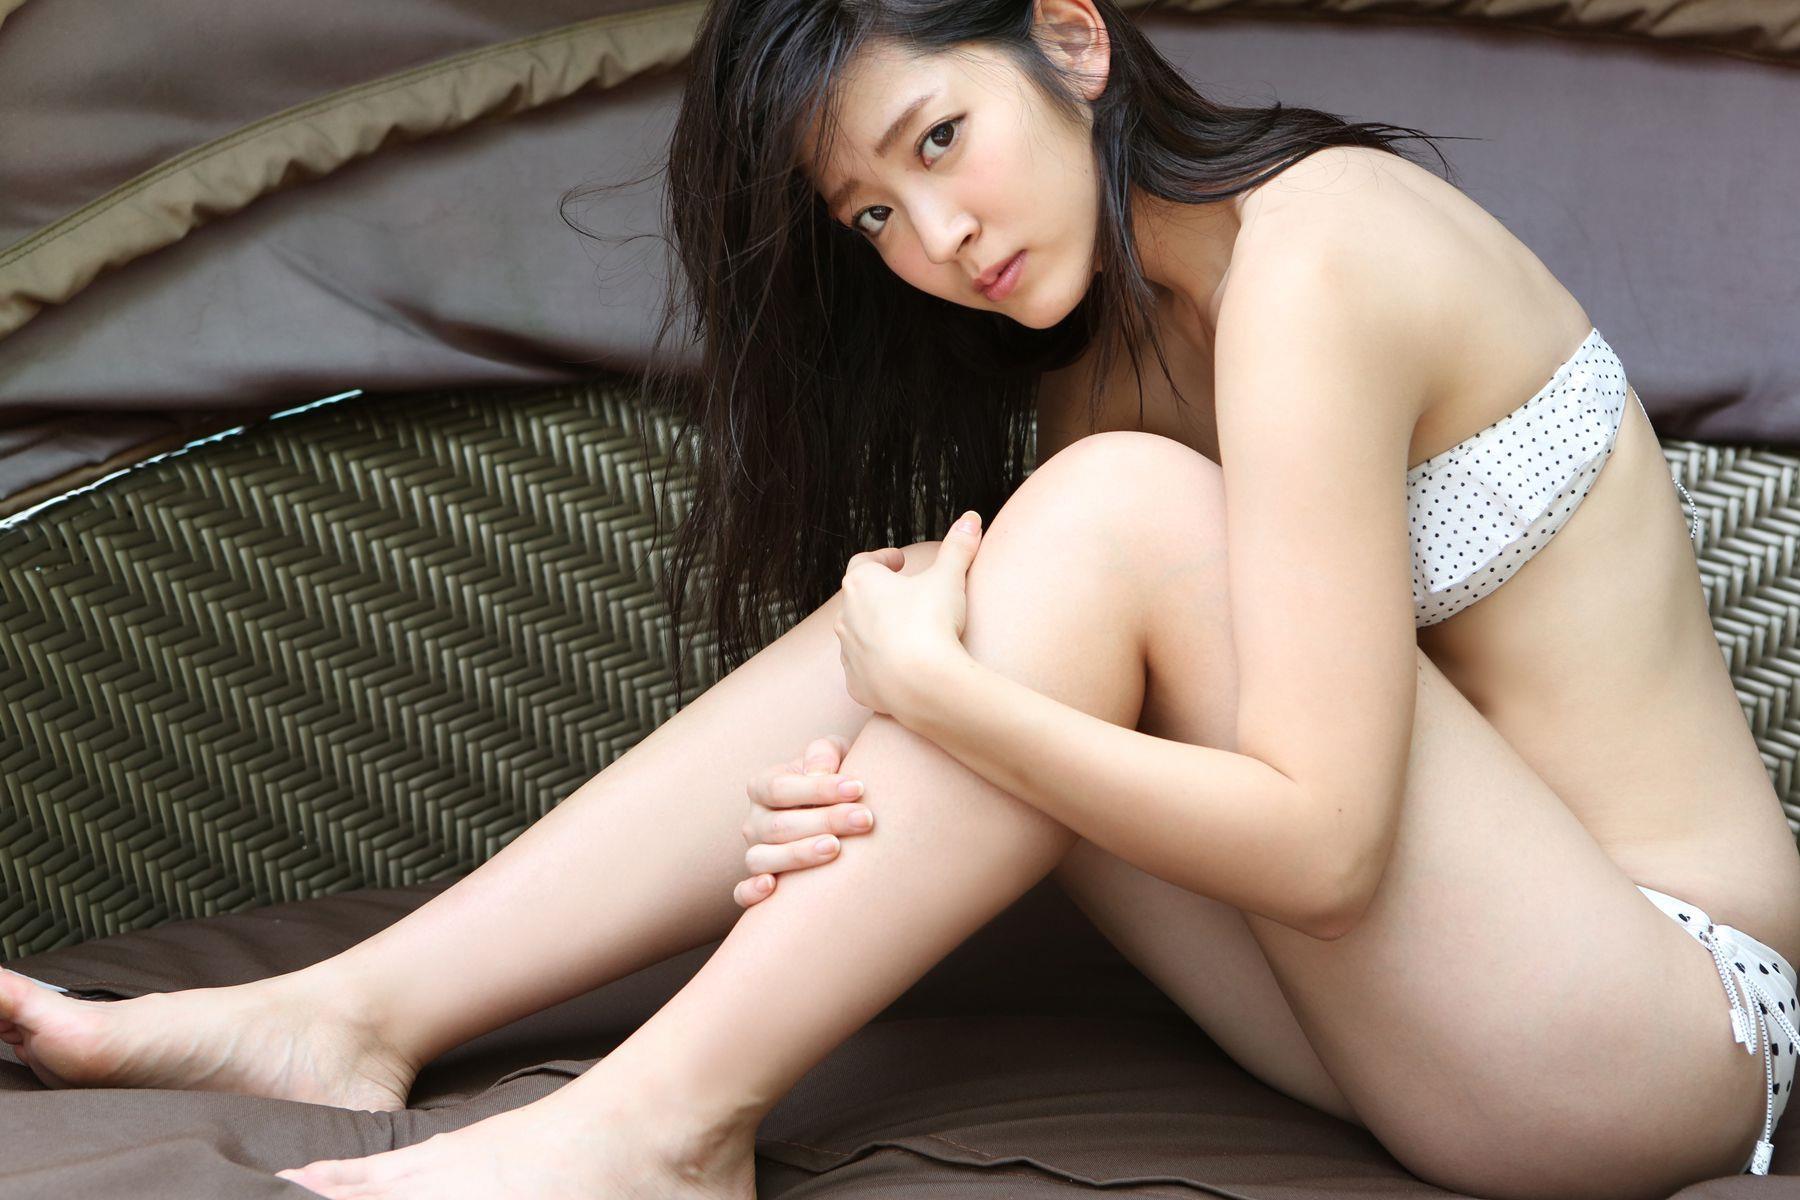 鈴木愛理(℃-ute) 画像 15